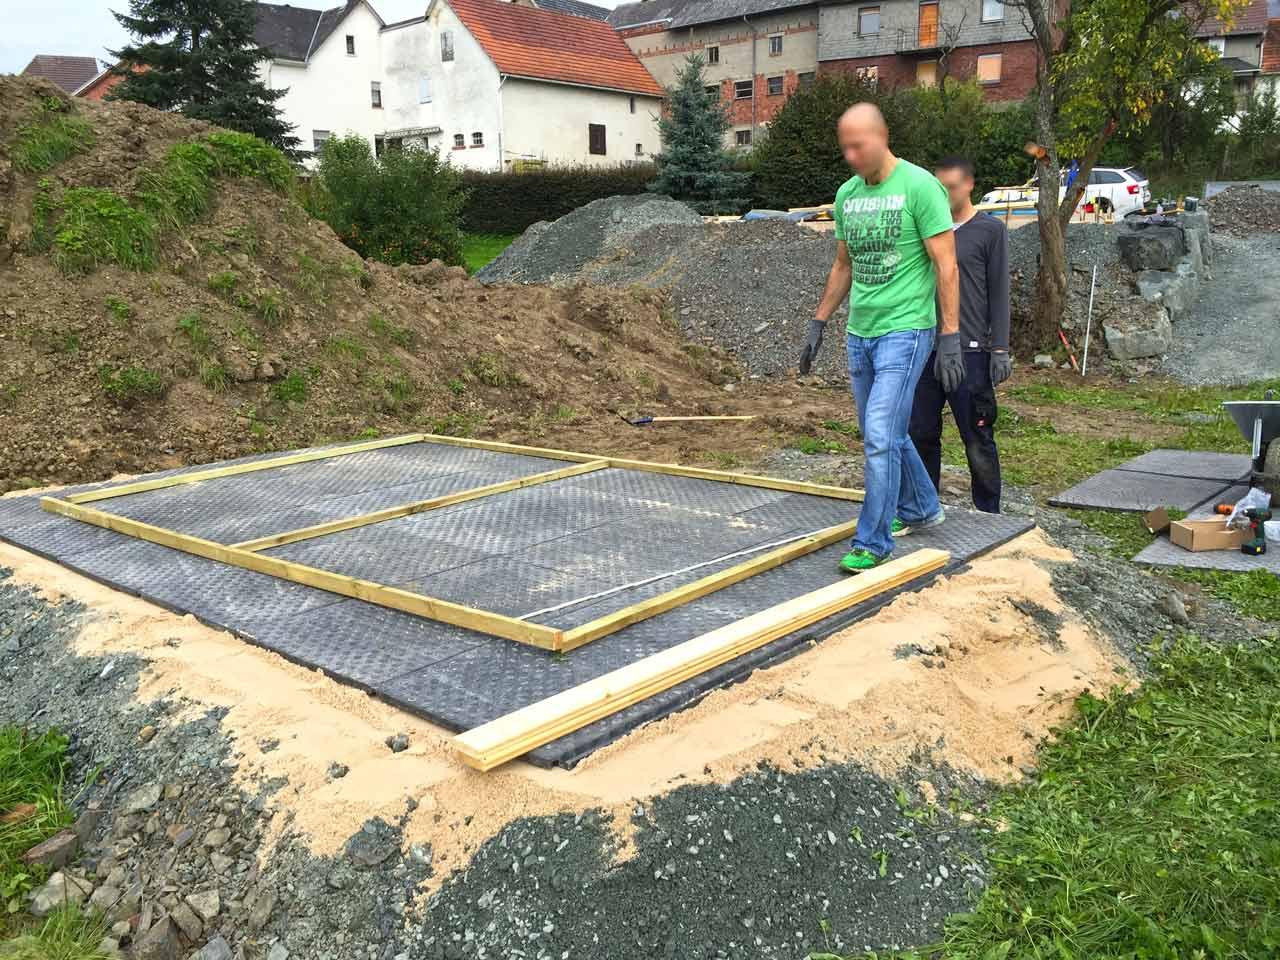 Holzfußboden Gartenhaus ~ Bodenmatten statt holzboden als isolierender fußboden für ein